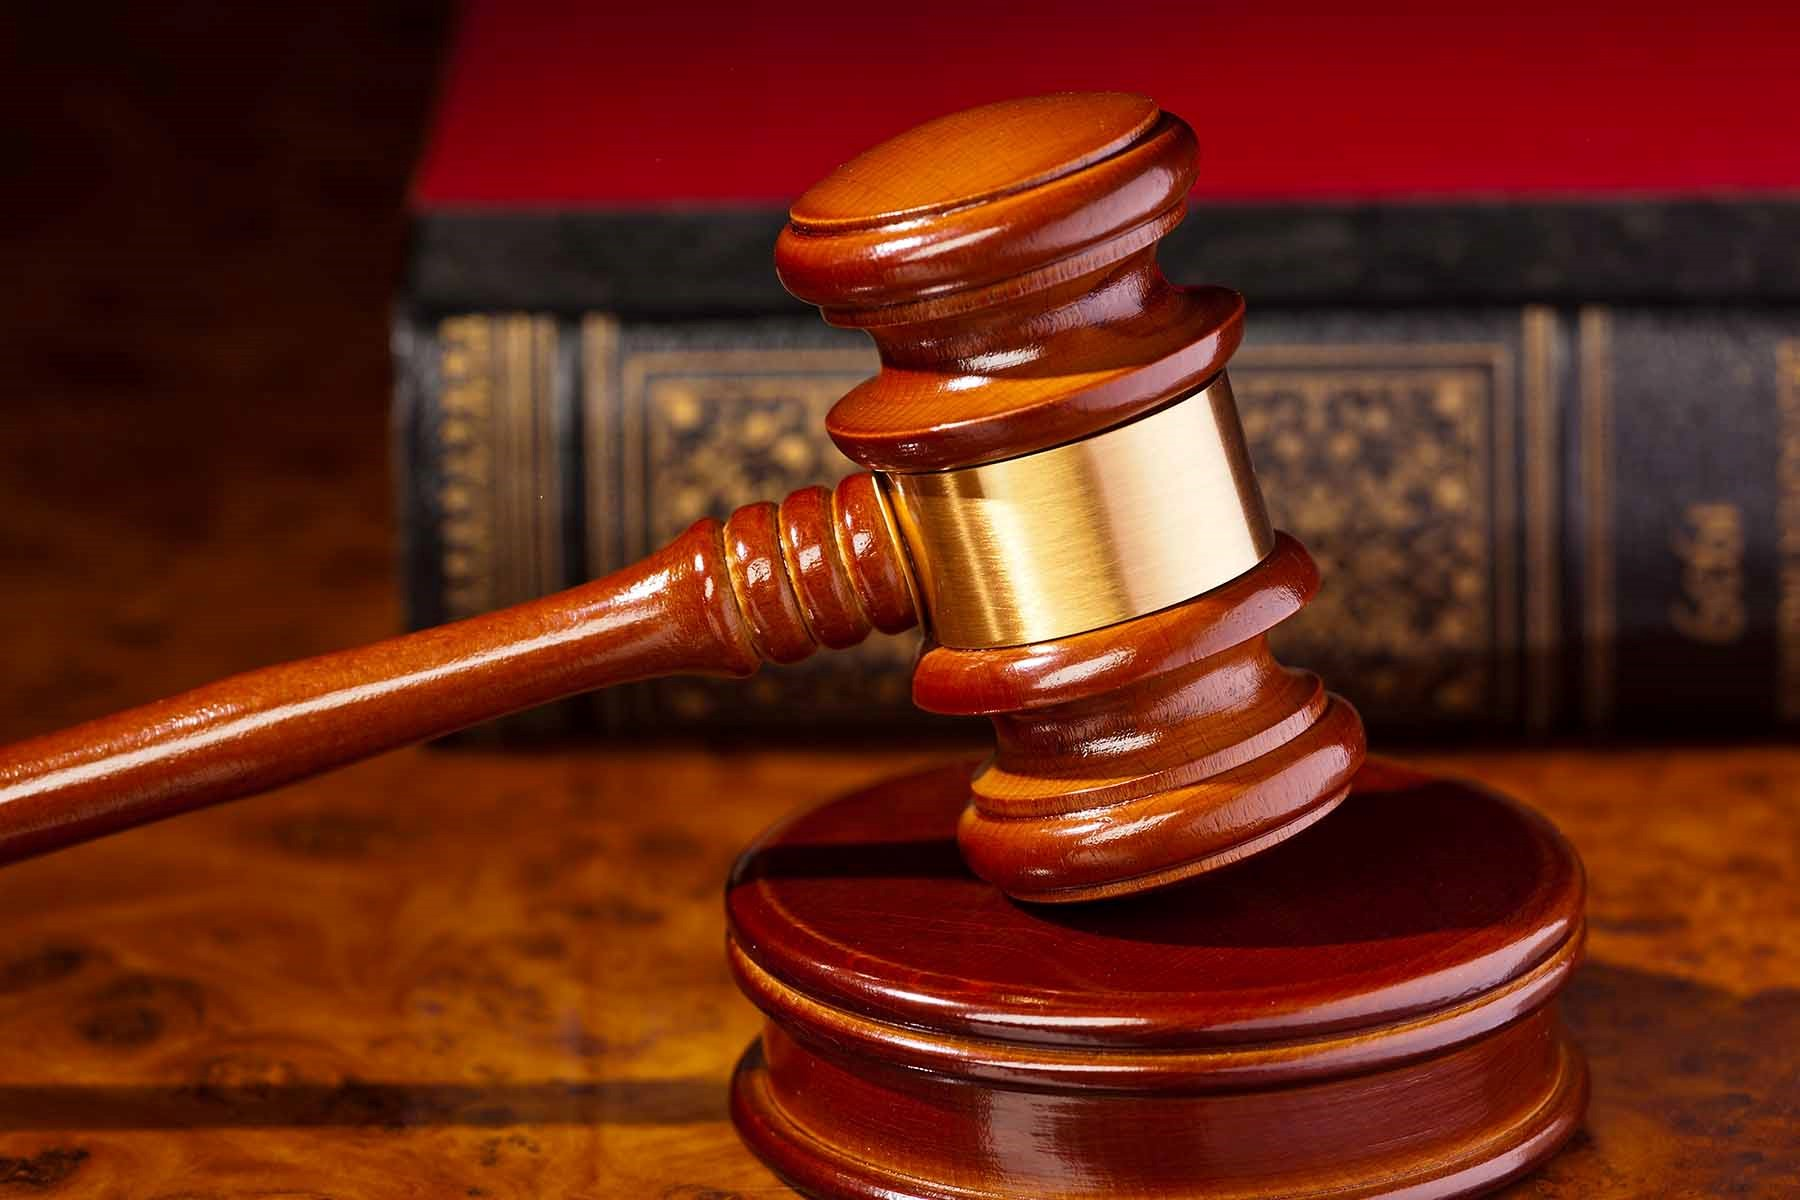 آیا می دانید در چه مواردی می توان شکایت را به دیوان عدالت اداری مطرح کرد؟